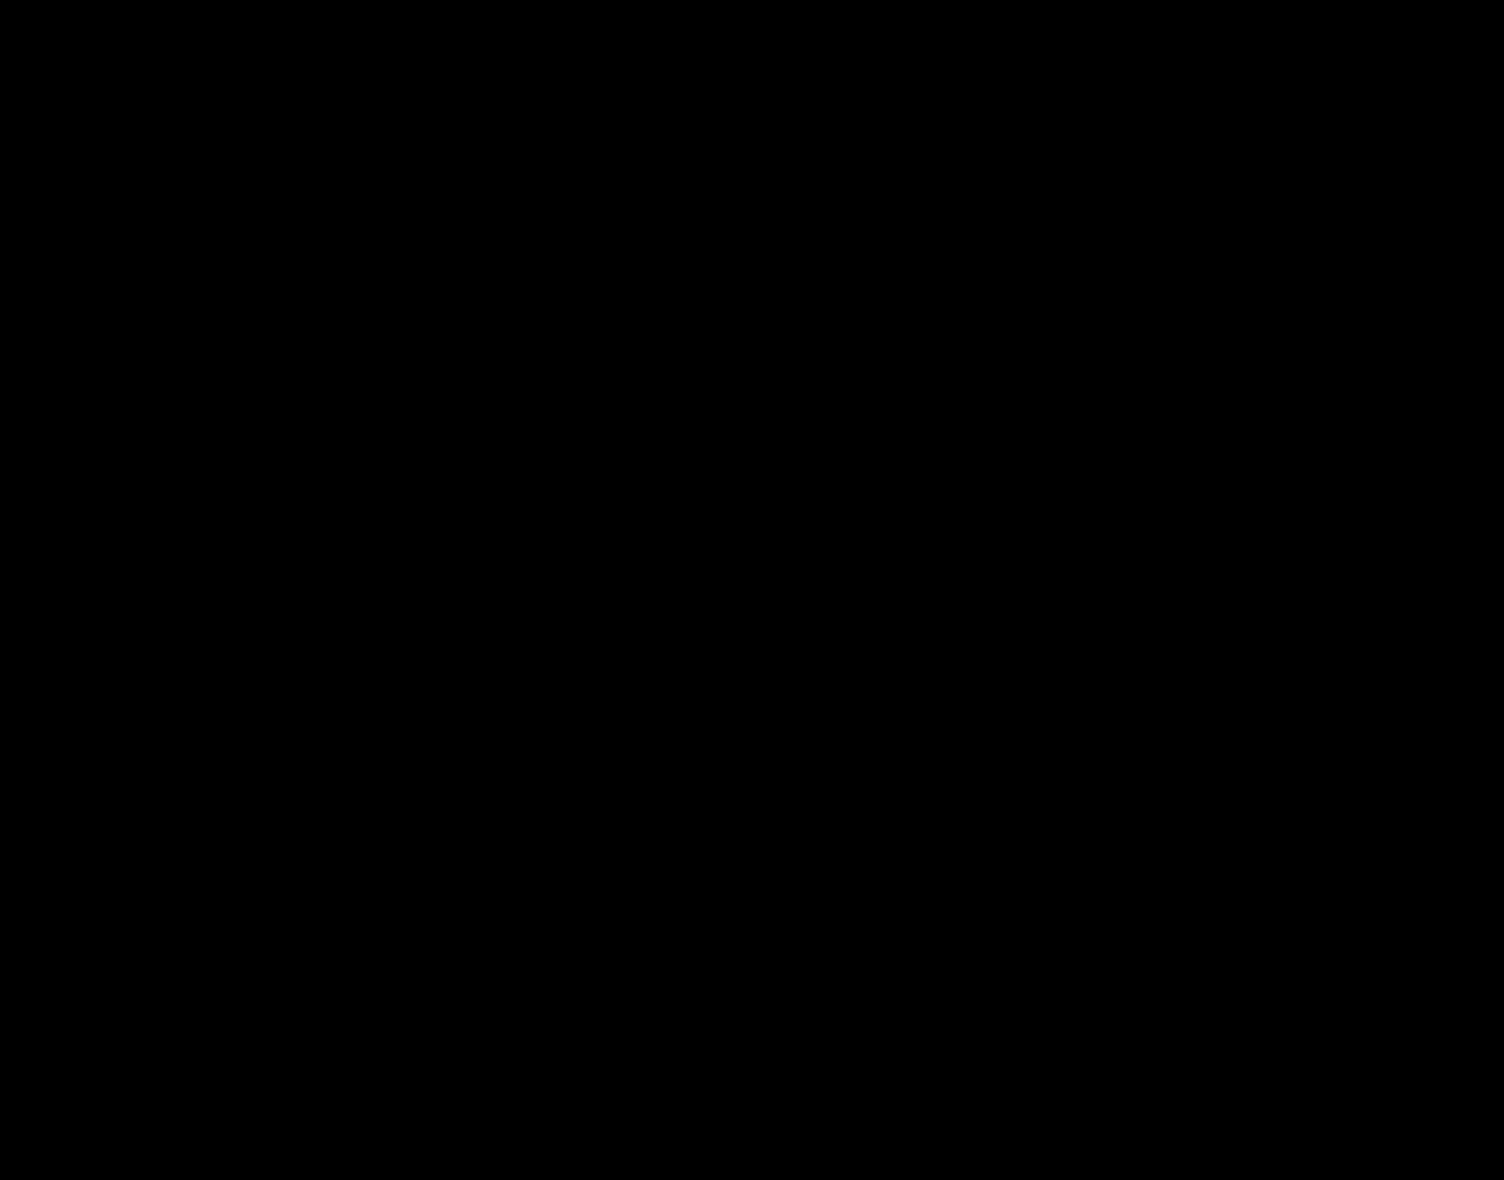 Obrim inscripcions 40a Pujada a la Seu Vella